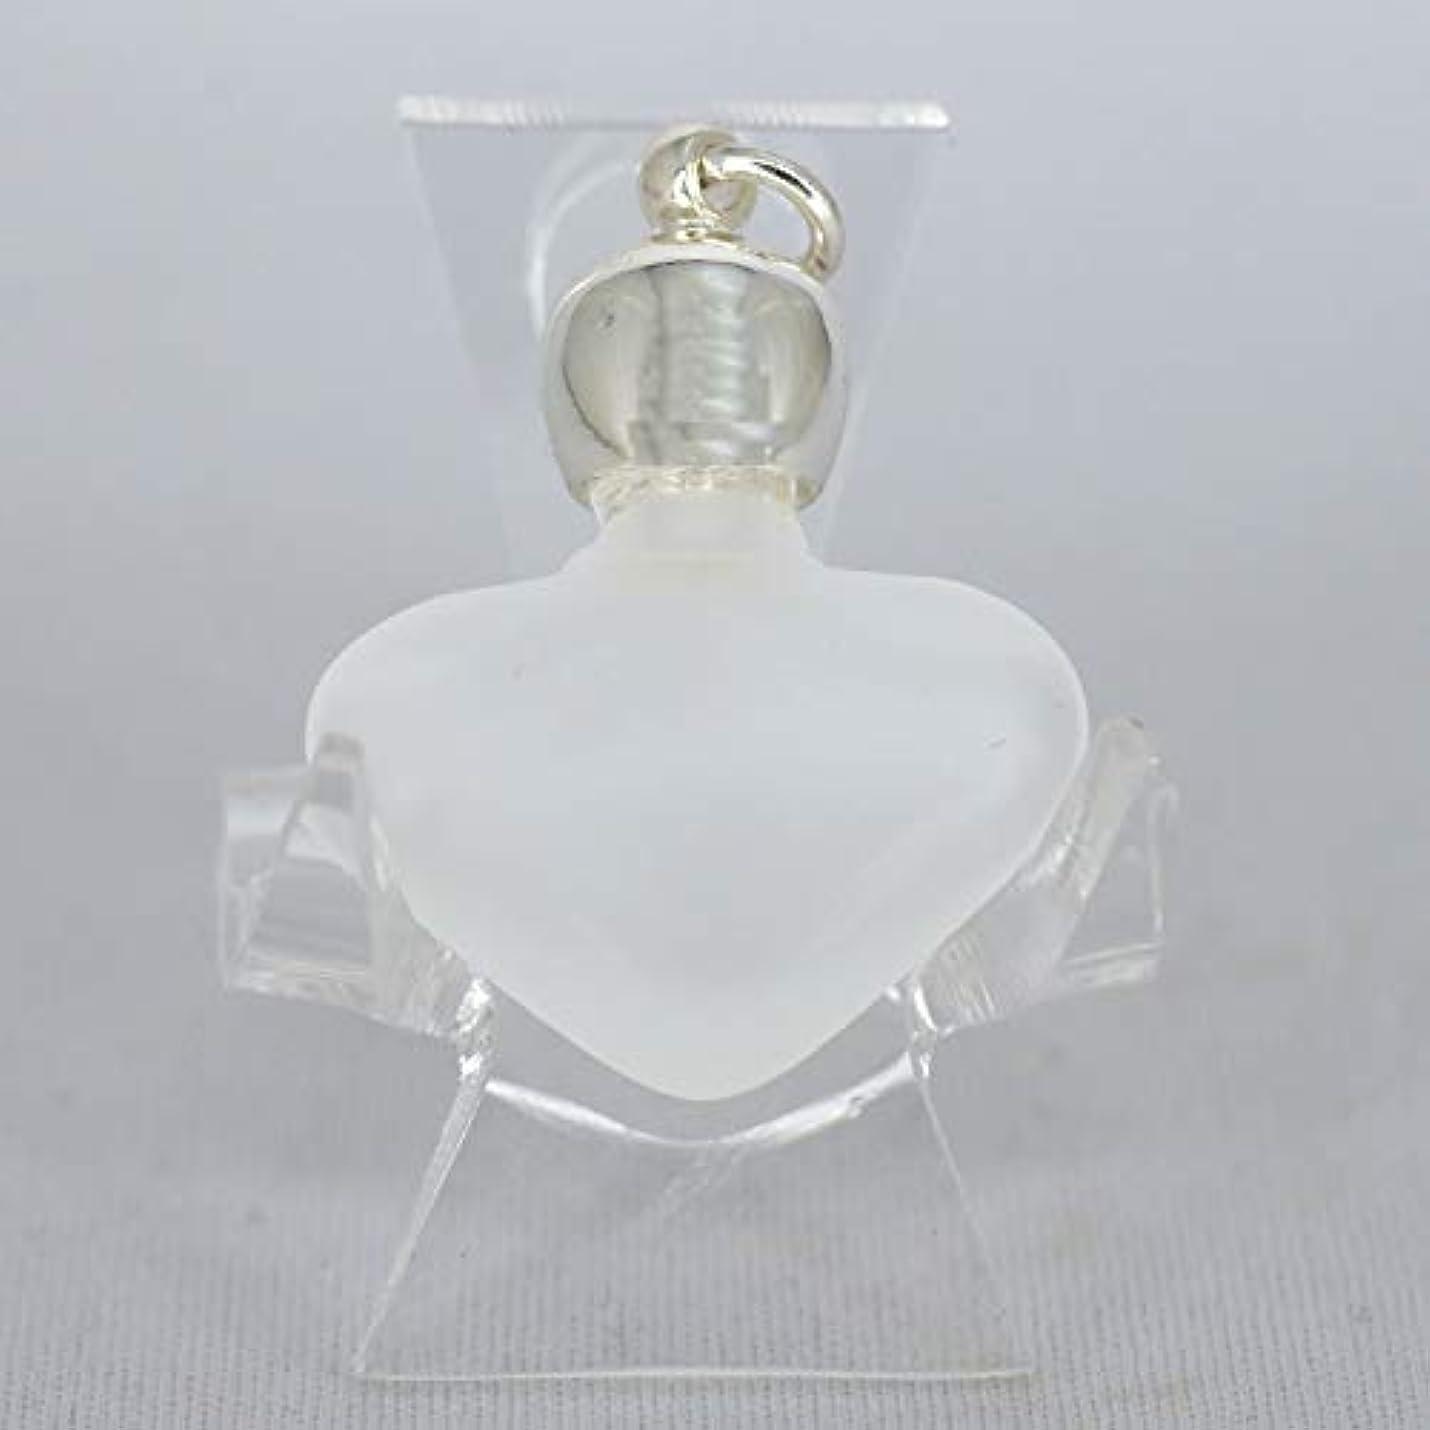 腹痛徒歩でステップミニ香水瓶 アロマペンダントトップ ハートフロスト(すりガラス)0.8ml?シルバー?穴あきキャップ、パッキン付属【アロマオイル?メモリーオイル入れにオススメ】